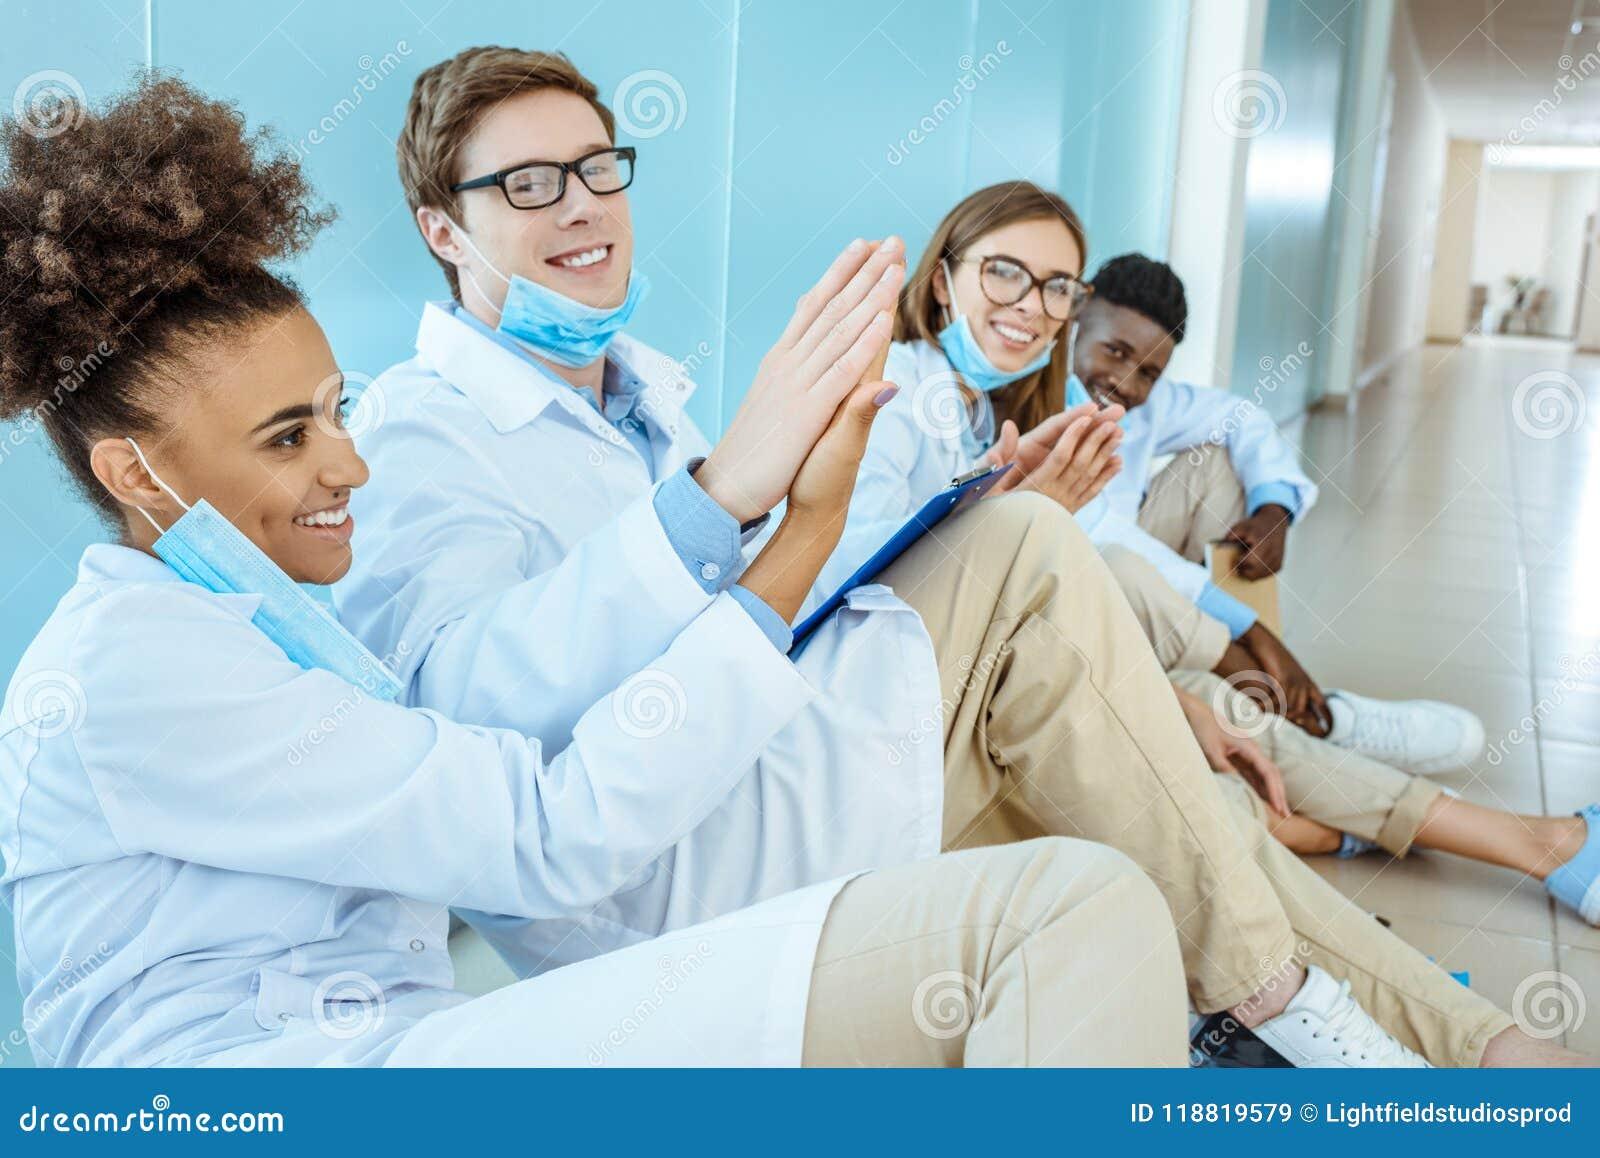 Vier glimlachende jonge medische internen die in witte robes op een vloer zitten